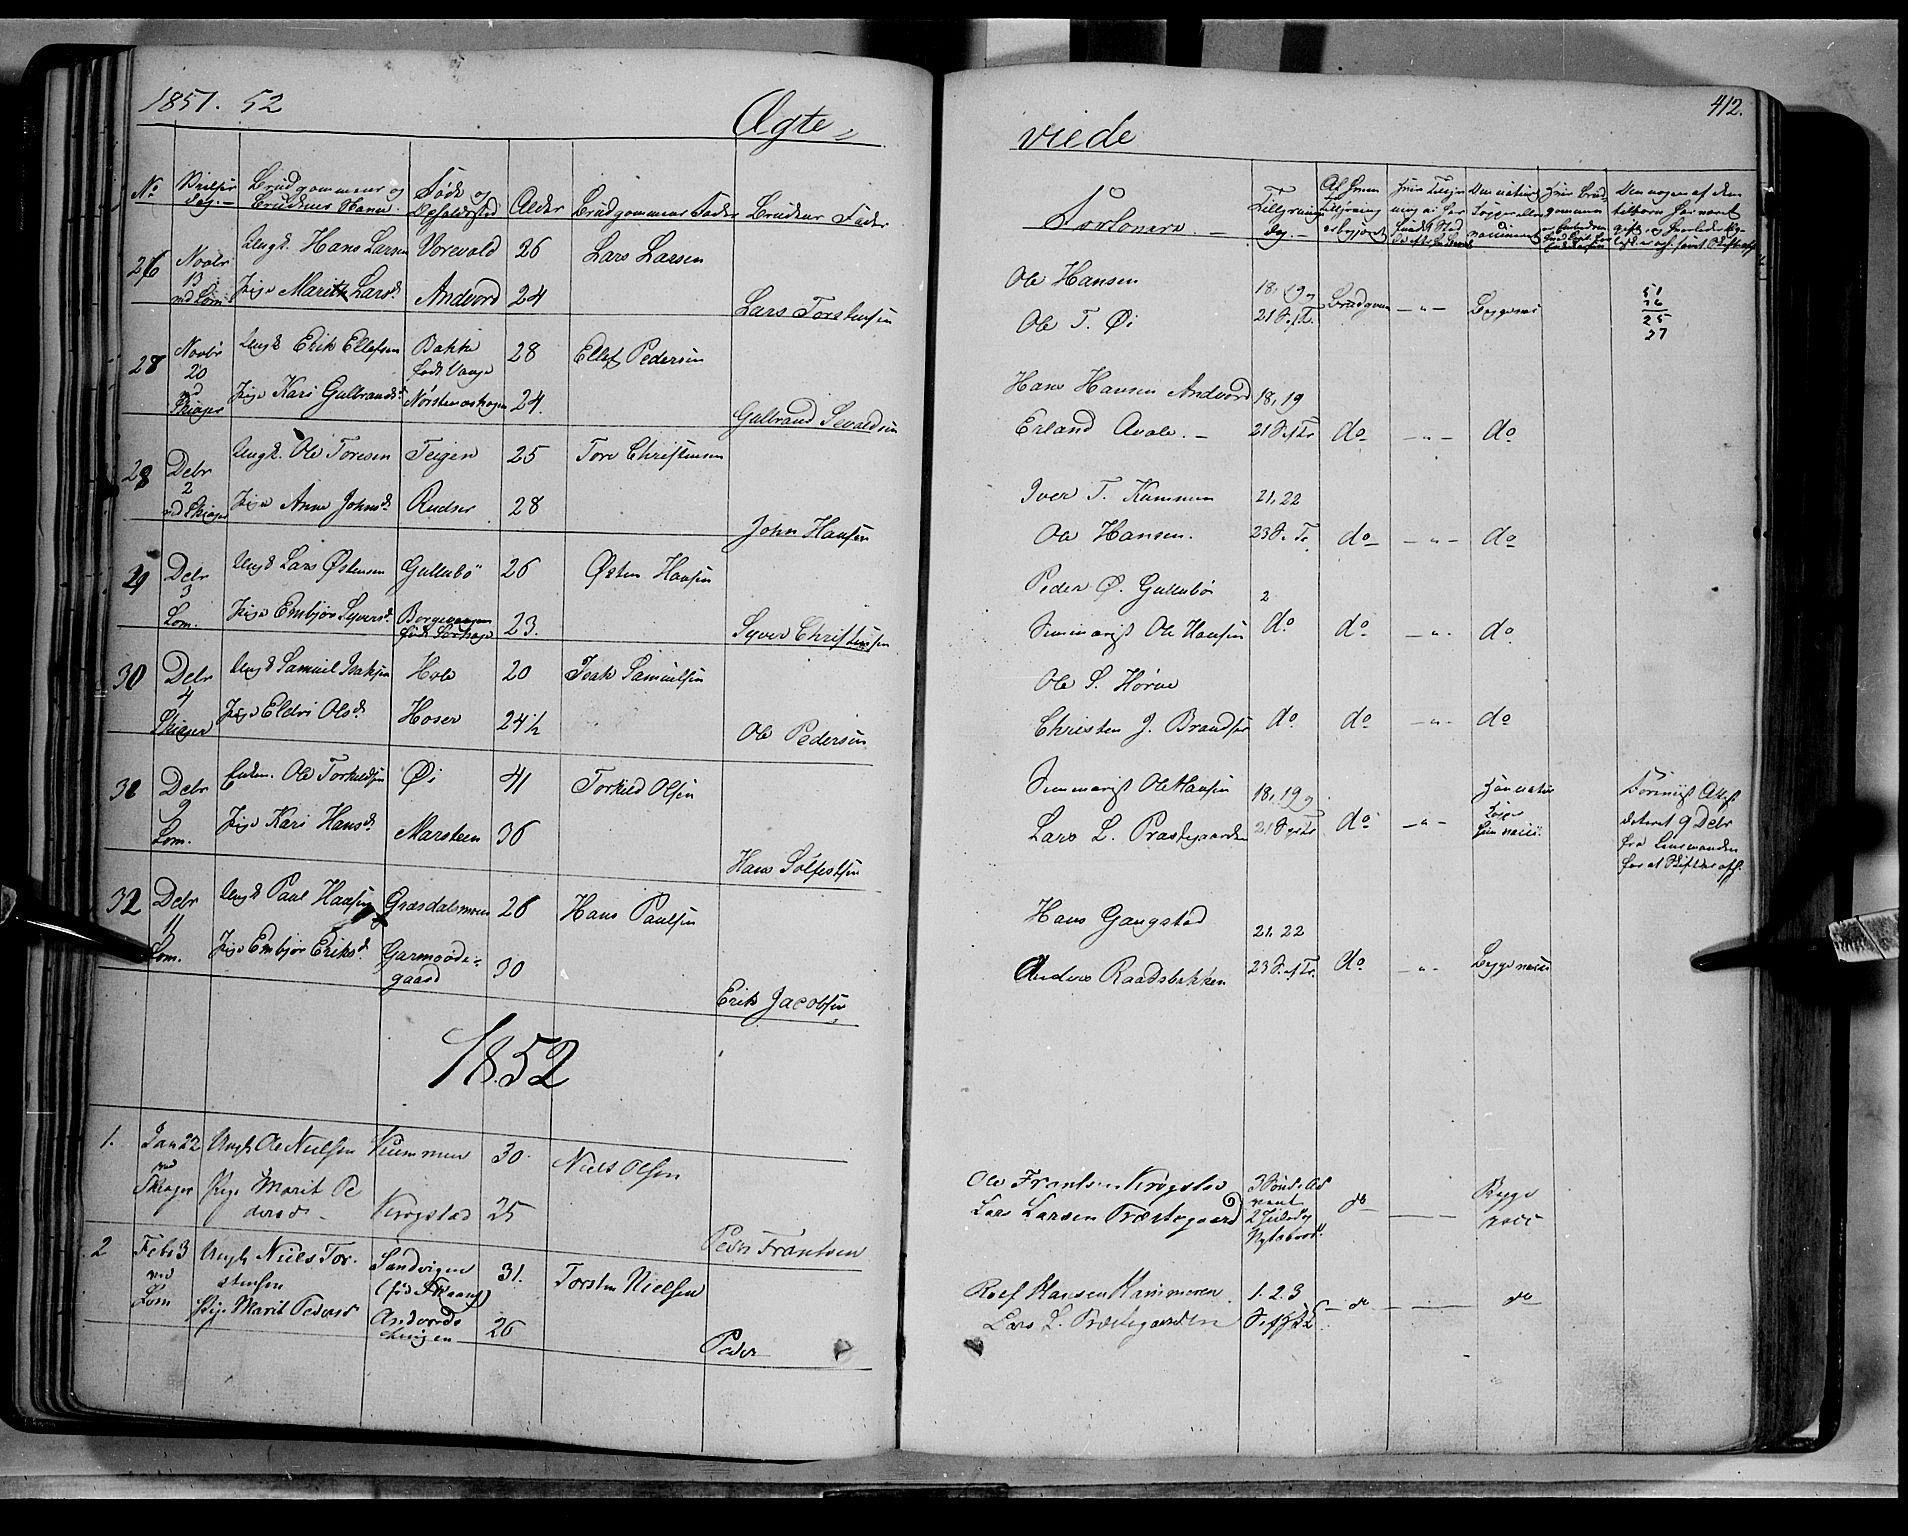 SAH, Lom prestekontor, K/L0006: Ministerialbok nr. 6B, 1837-1863, s. 412